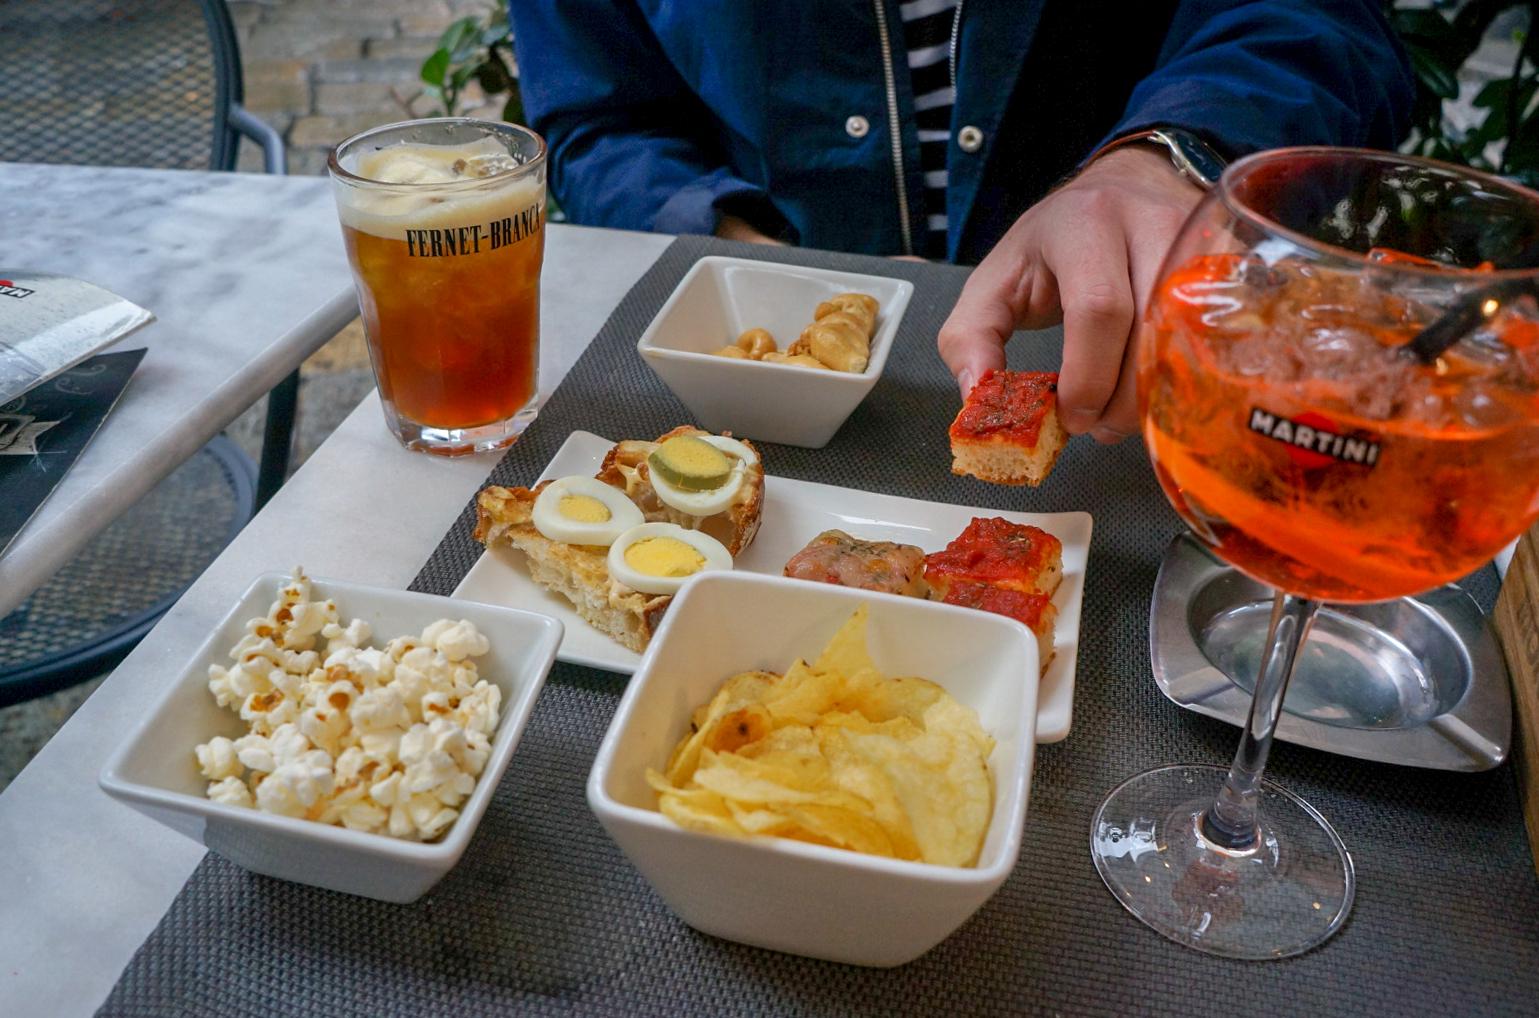 24 Hours of Eating In Milan